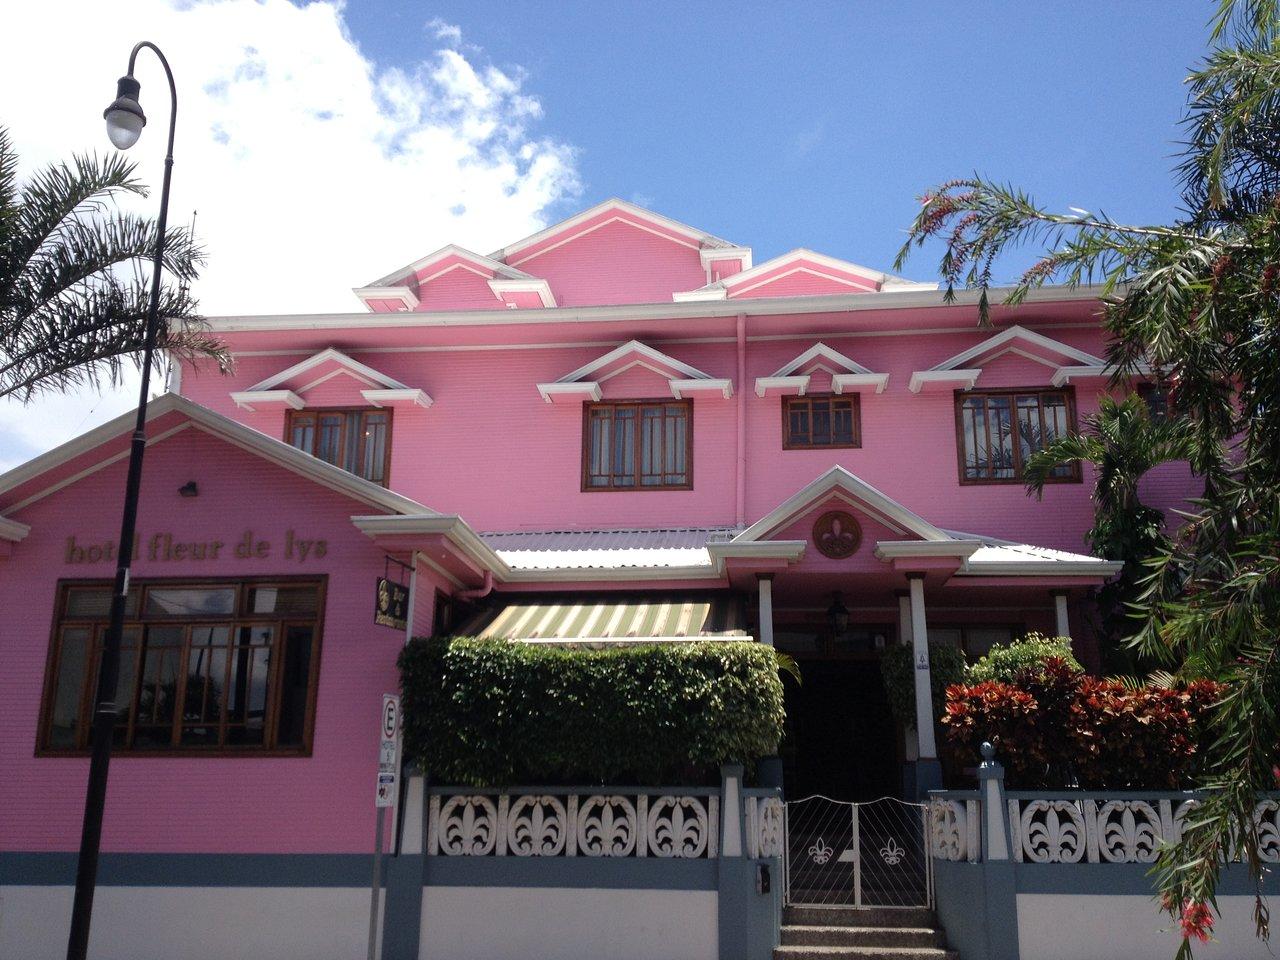 hotel fleur de lys updated 2019 prices reviews costa rica san rh tripadvisor com